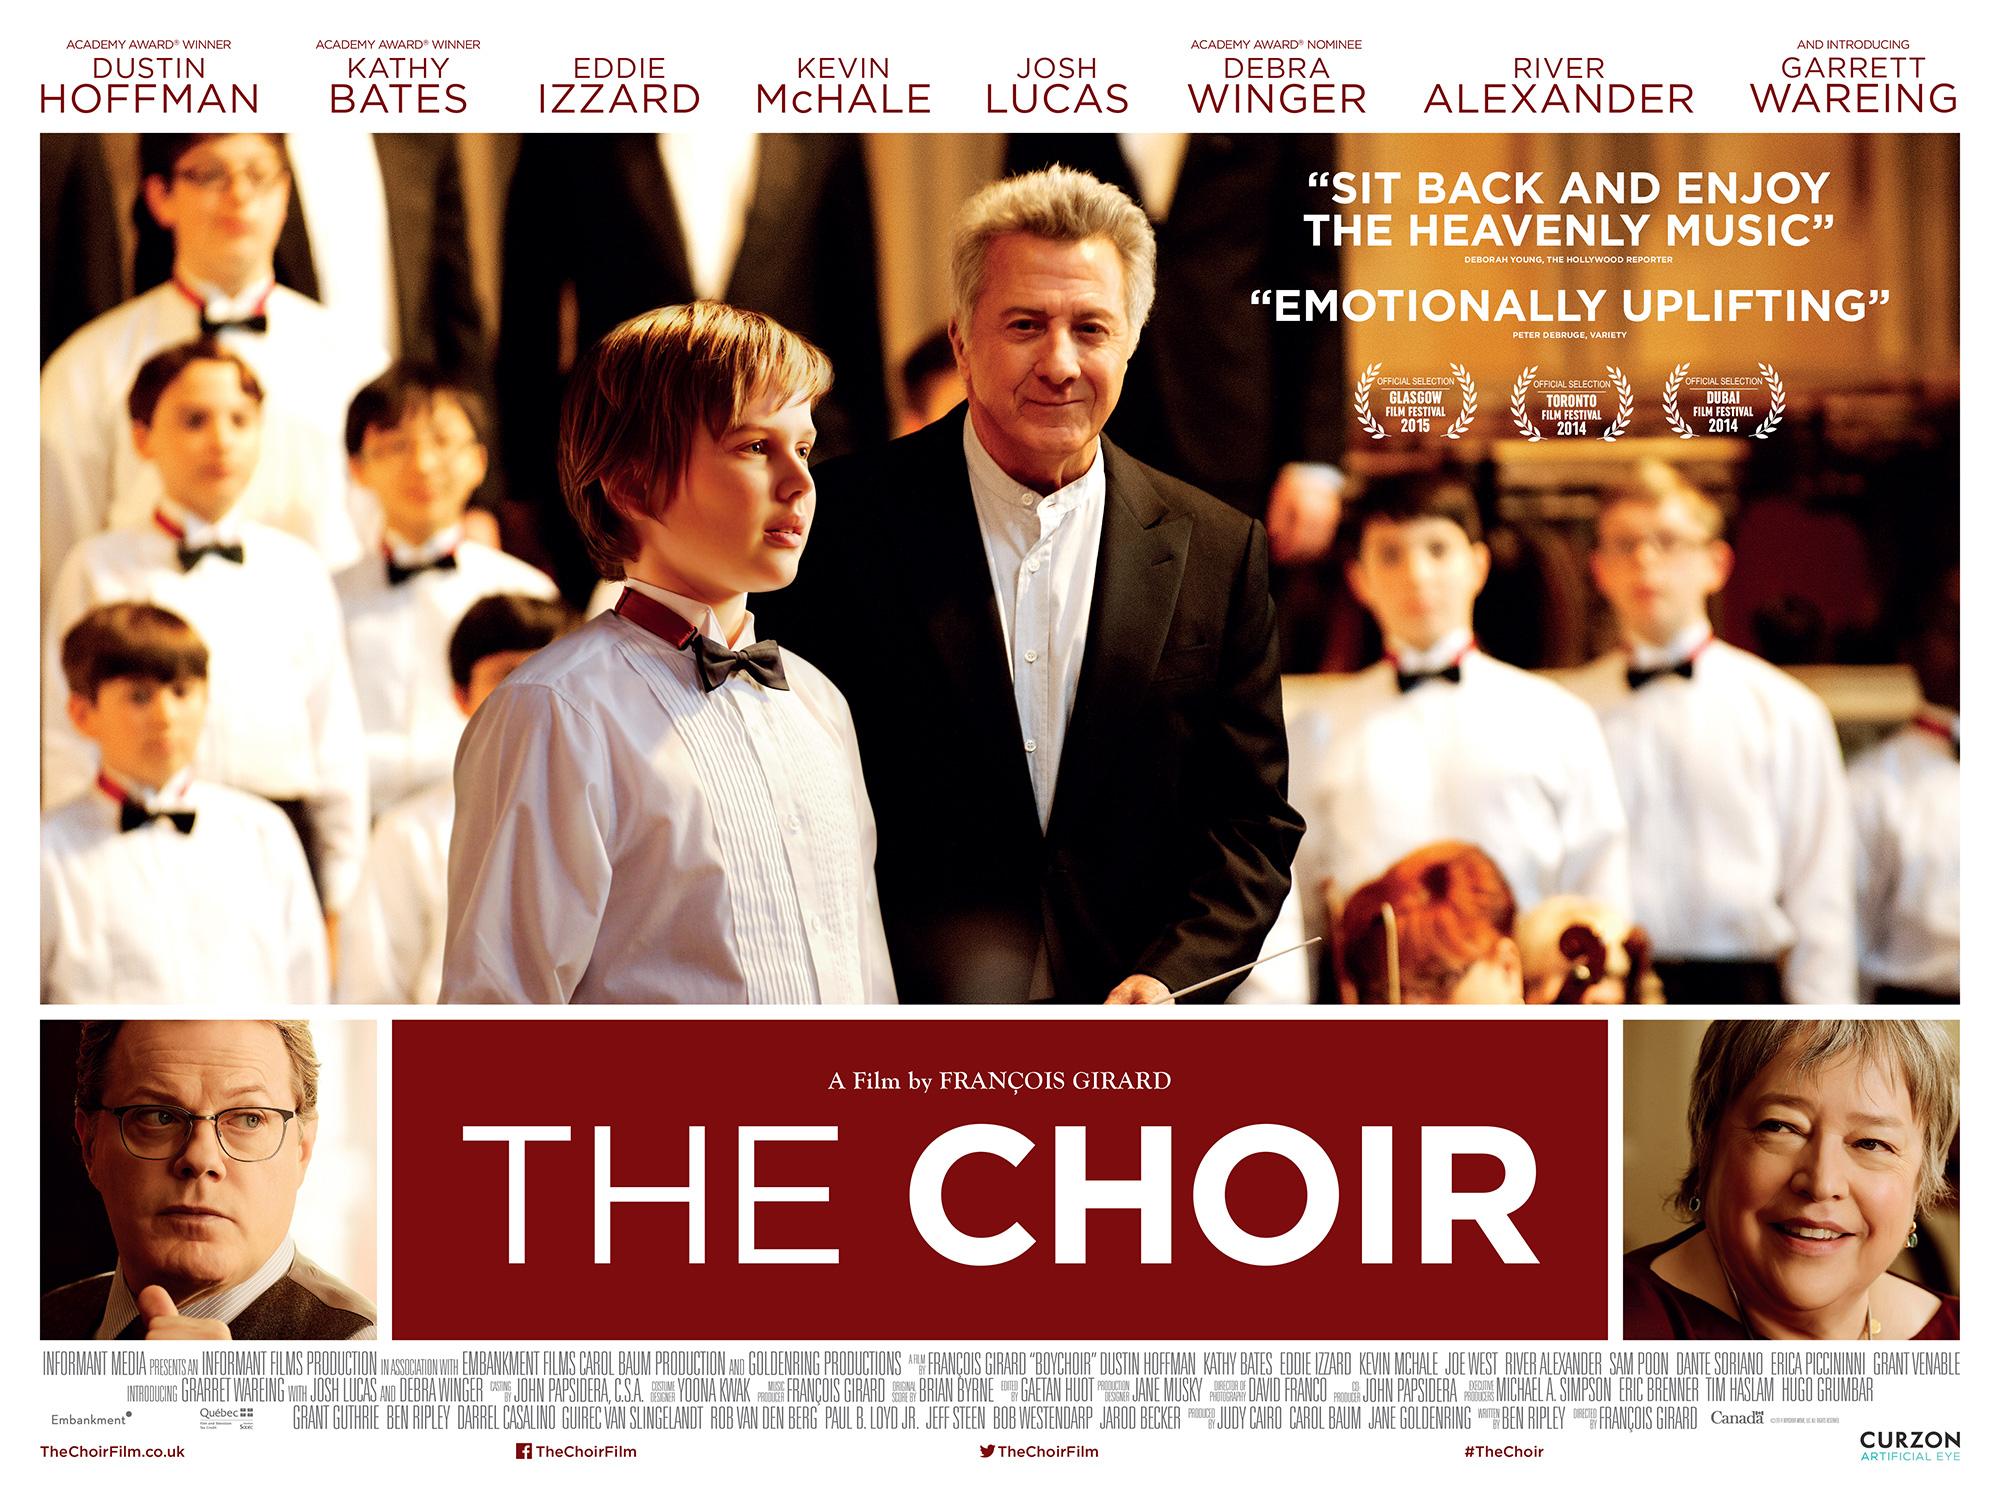 The Choir - Curzon Artificial Eye